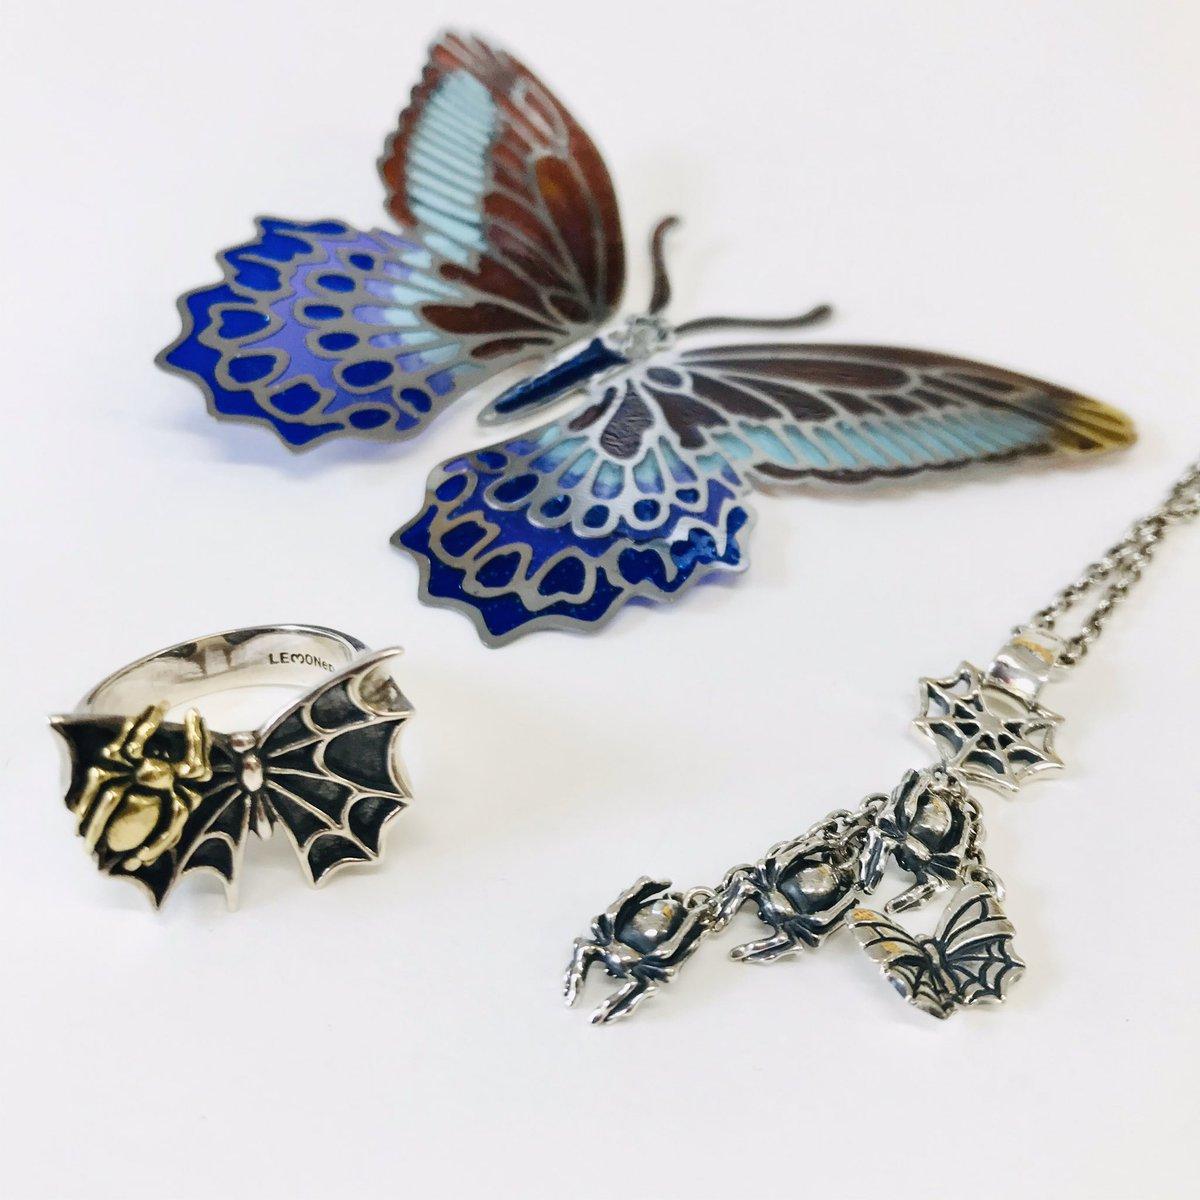 【全店】蝶と蜘蛛の物語…。ストーリー性溢れるシルバーアクセサリーが復活します(°▽°)《詳細はレモショブログ↓》 #レモショ #レモネードショップ #アクセサリー #シルバーアクセ